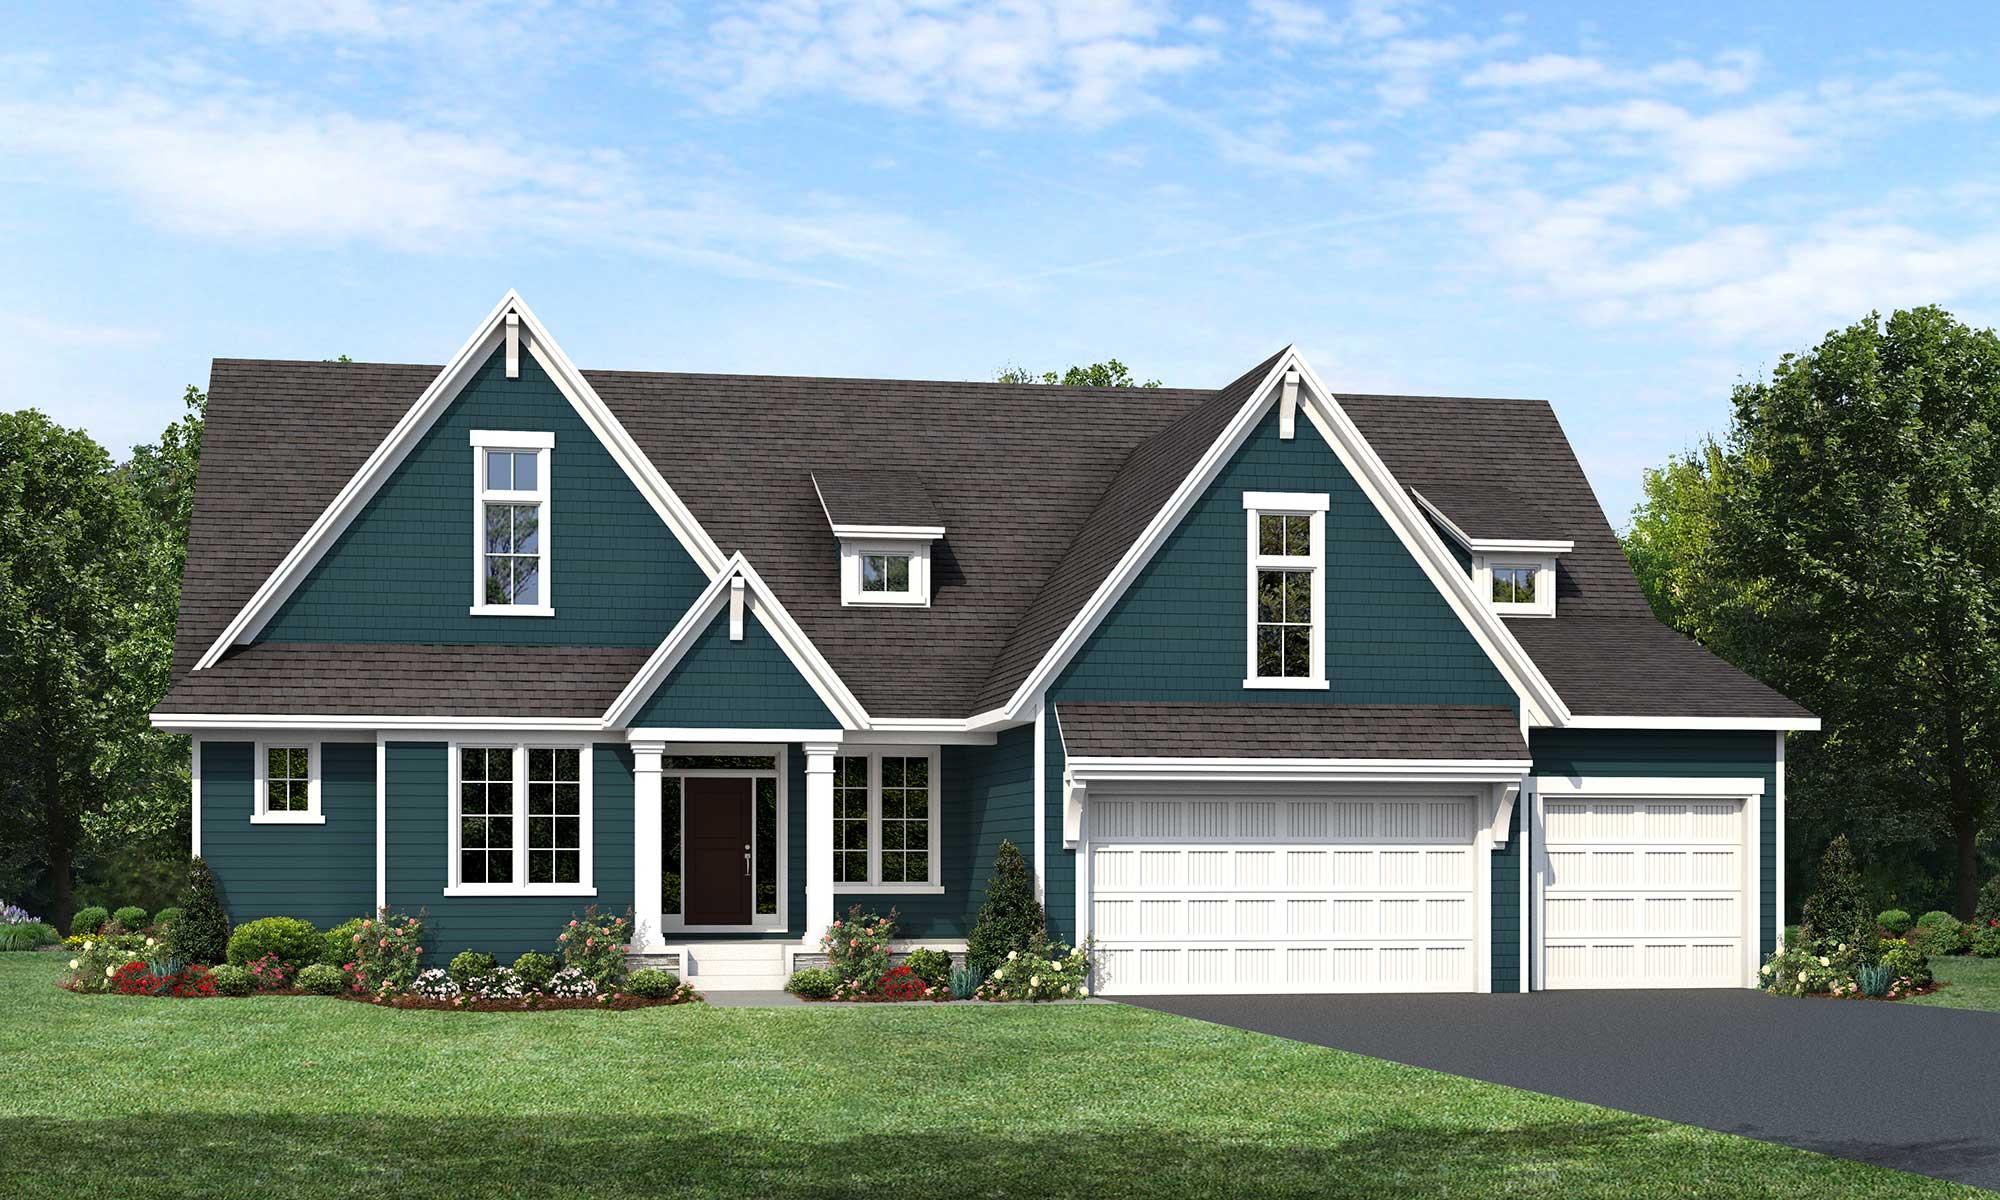 Mississippi home plan Elevation D rendering